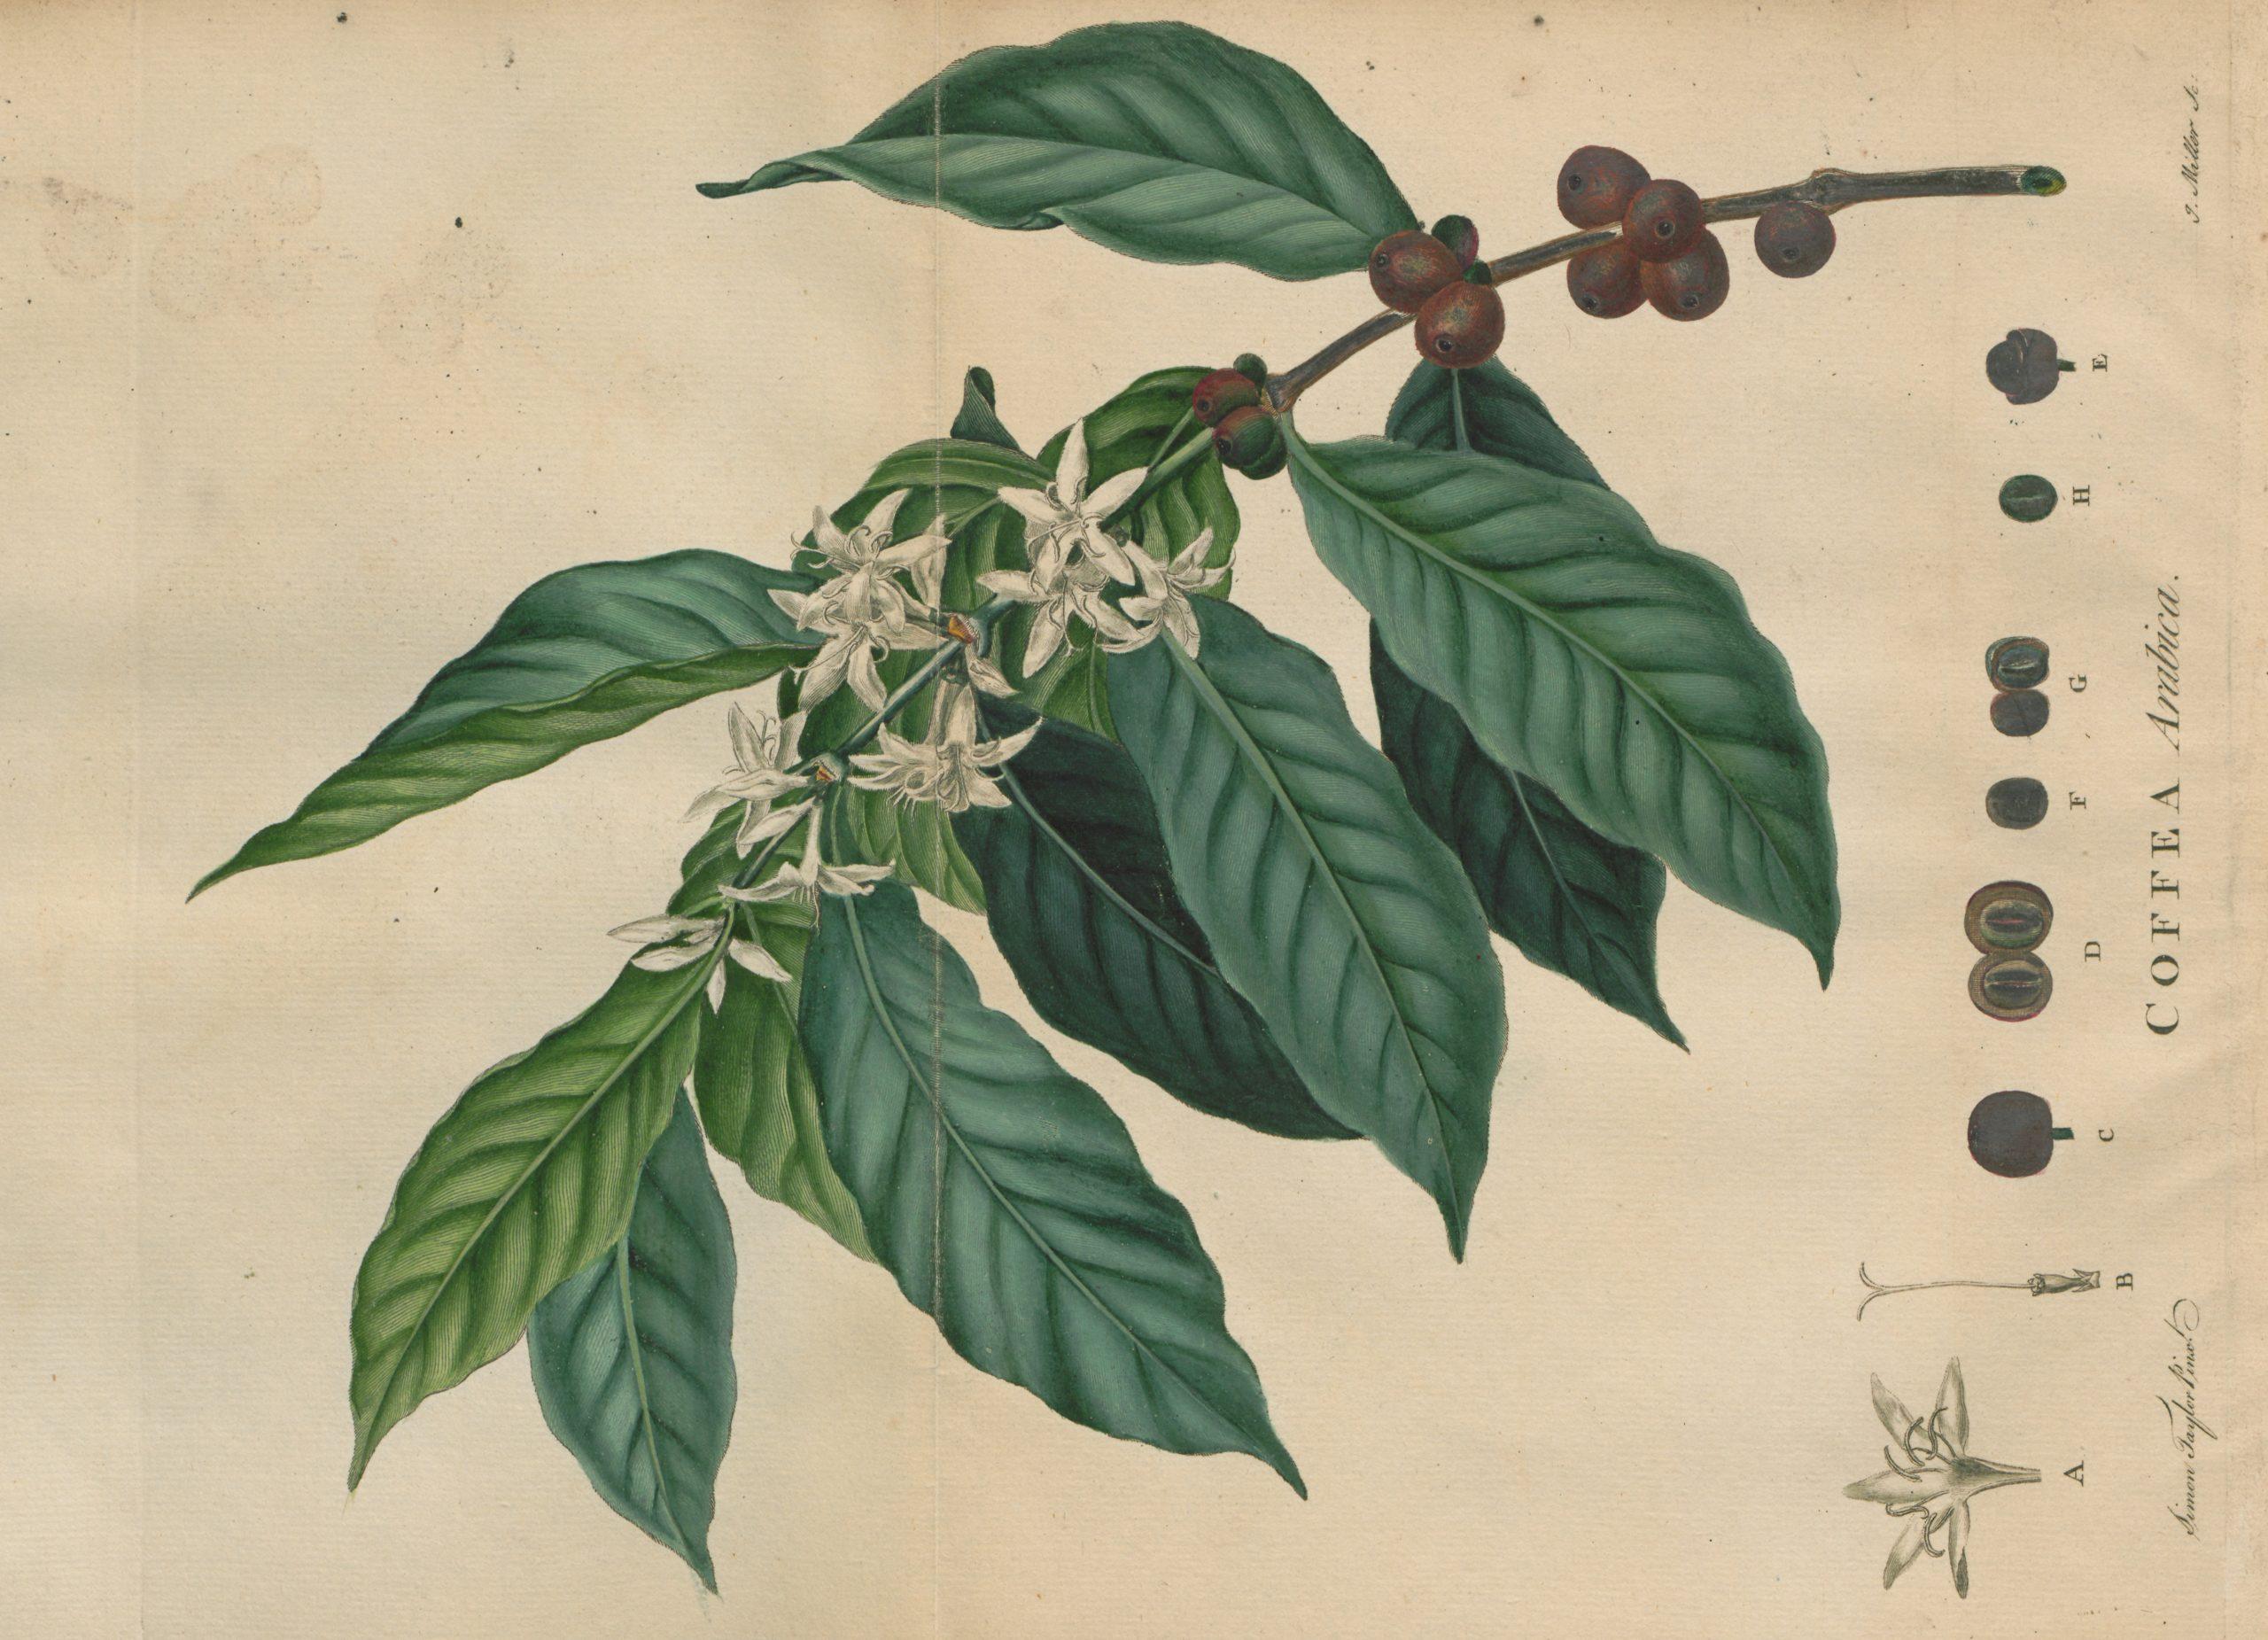 ジョン・エリス(John Ellis)『コーヒーの歴史的記述(An Historical Account of Coffee)』